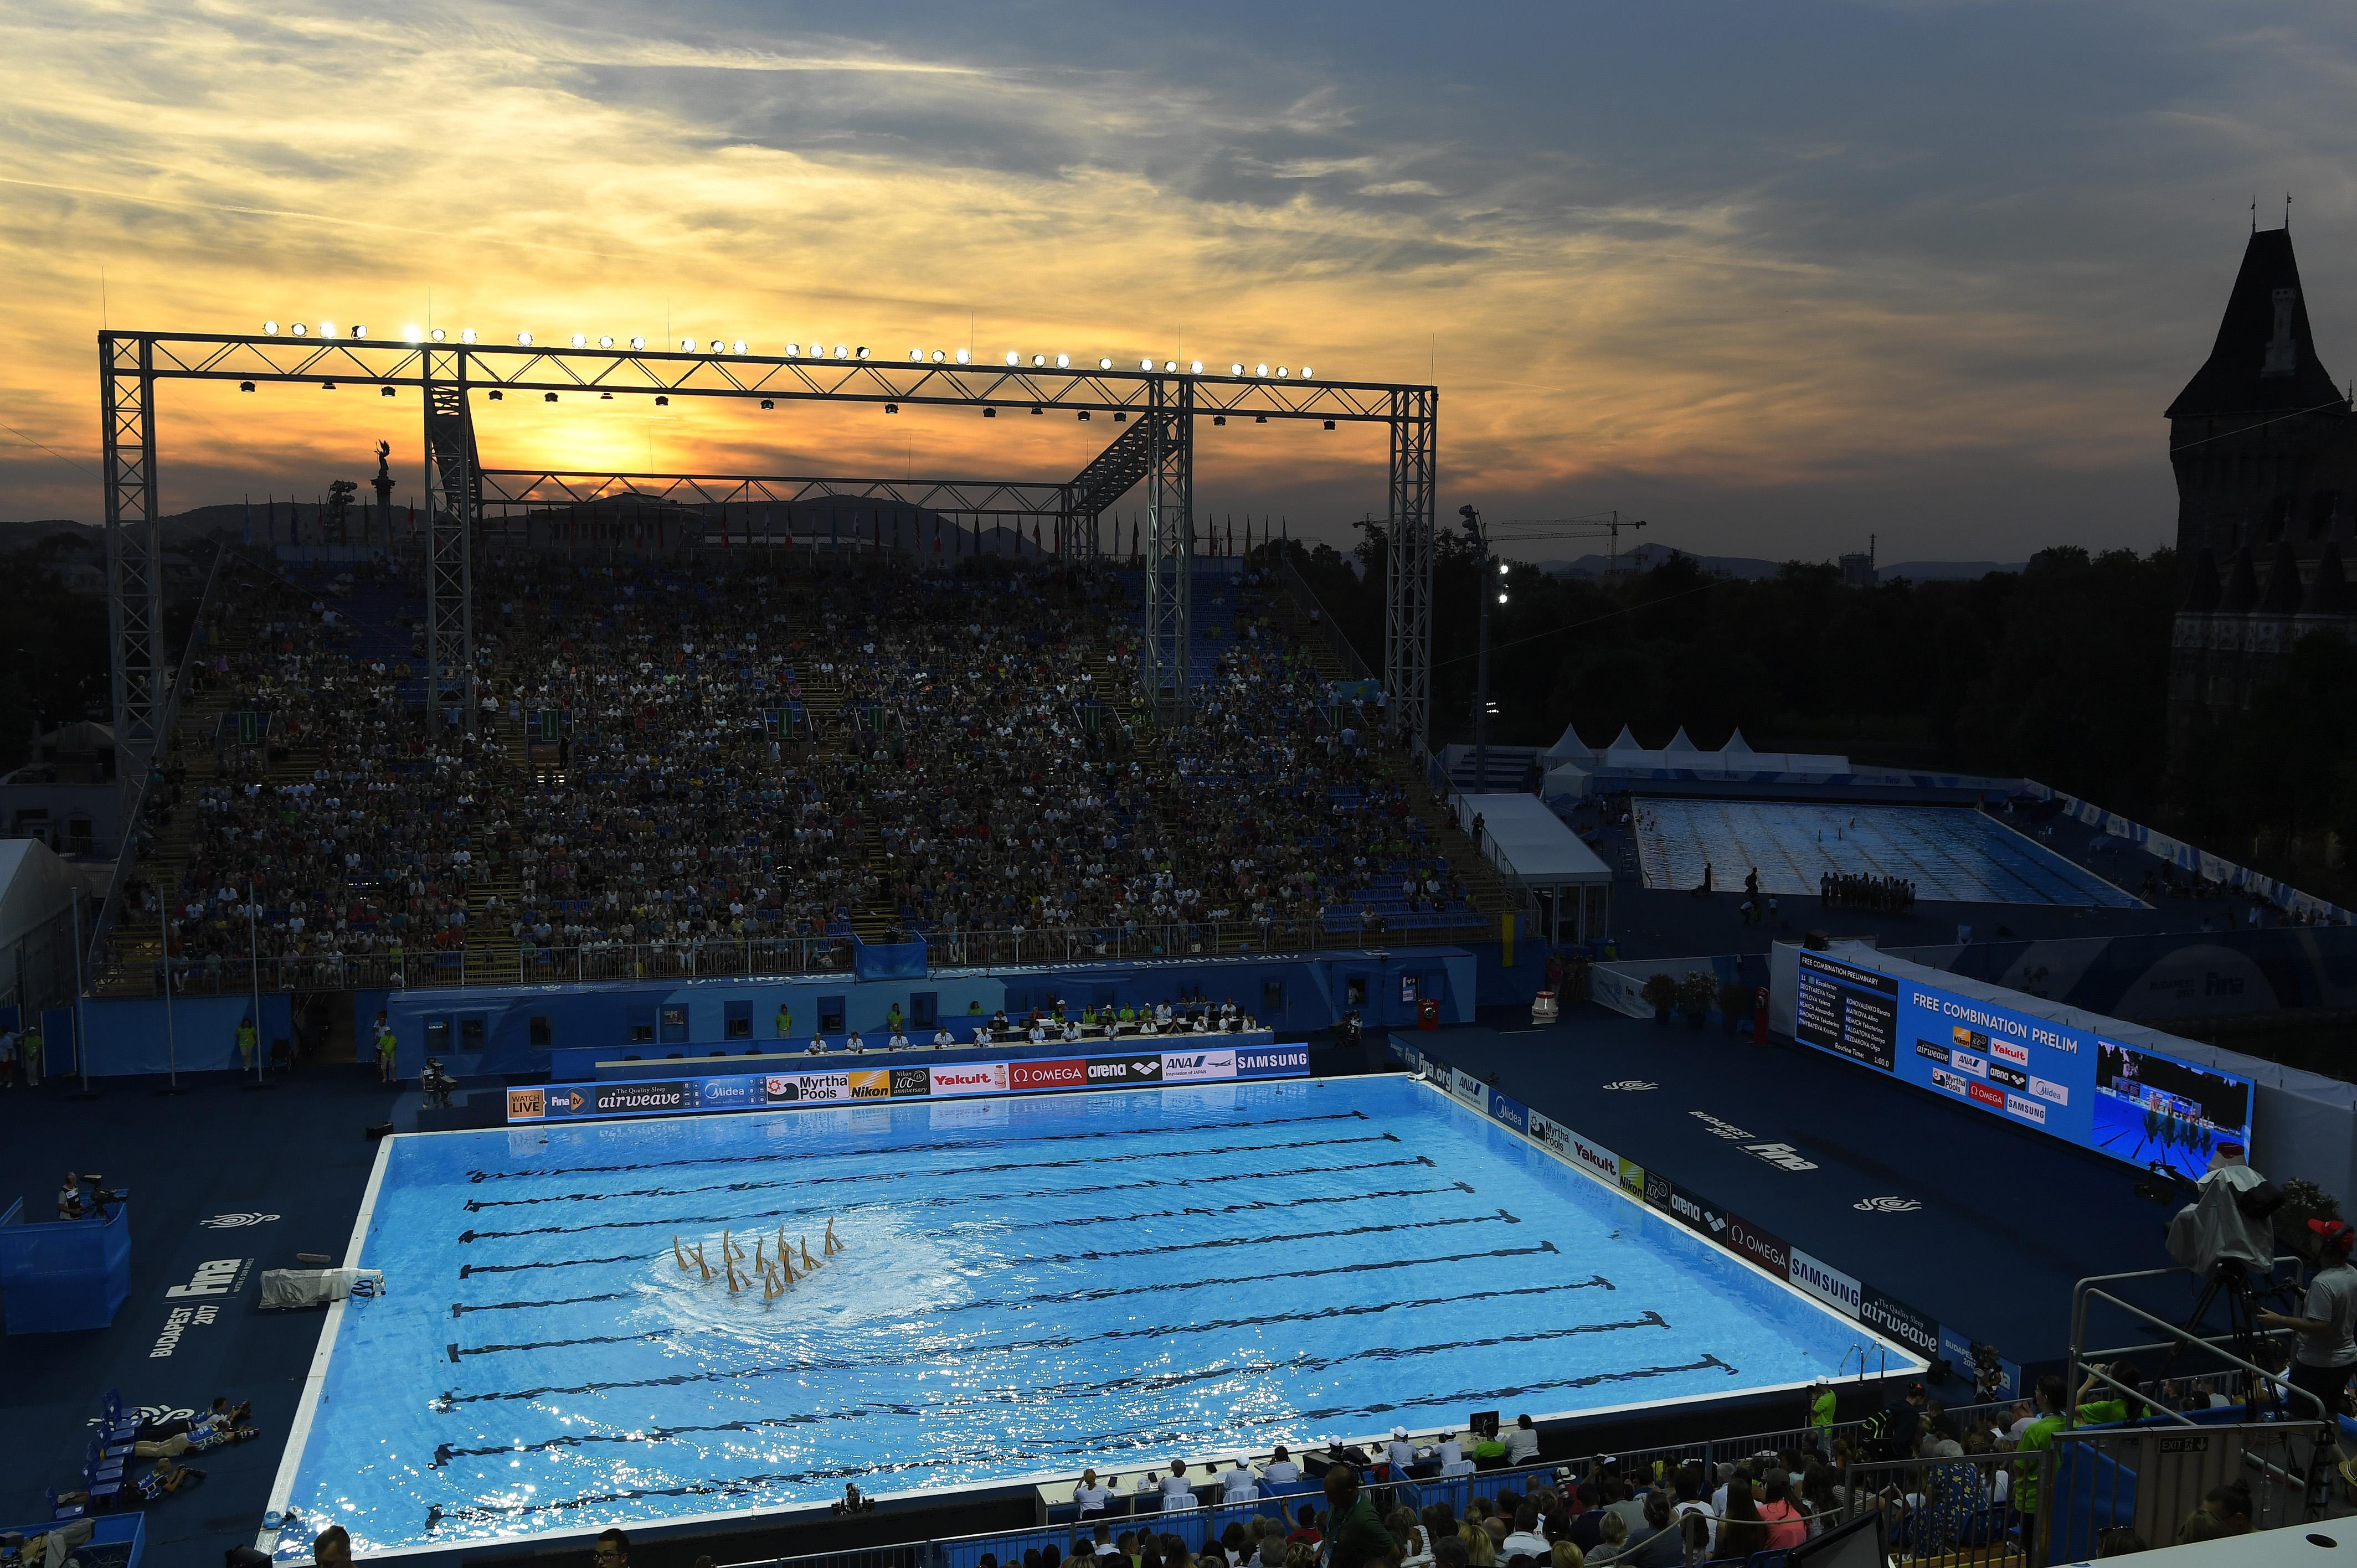 Nem kell valakinek két, a vizes világbajnokság után a szervezők nyakán maradt baromi drága medence?